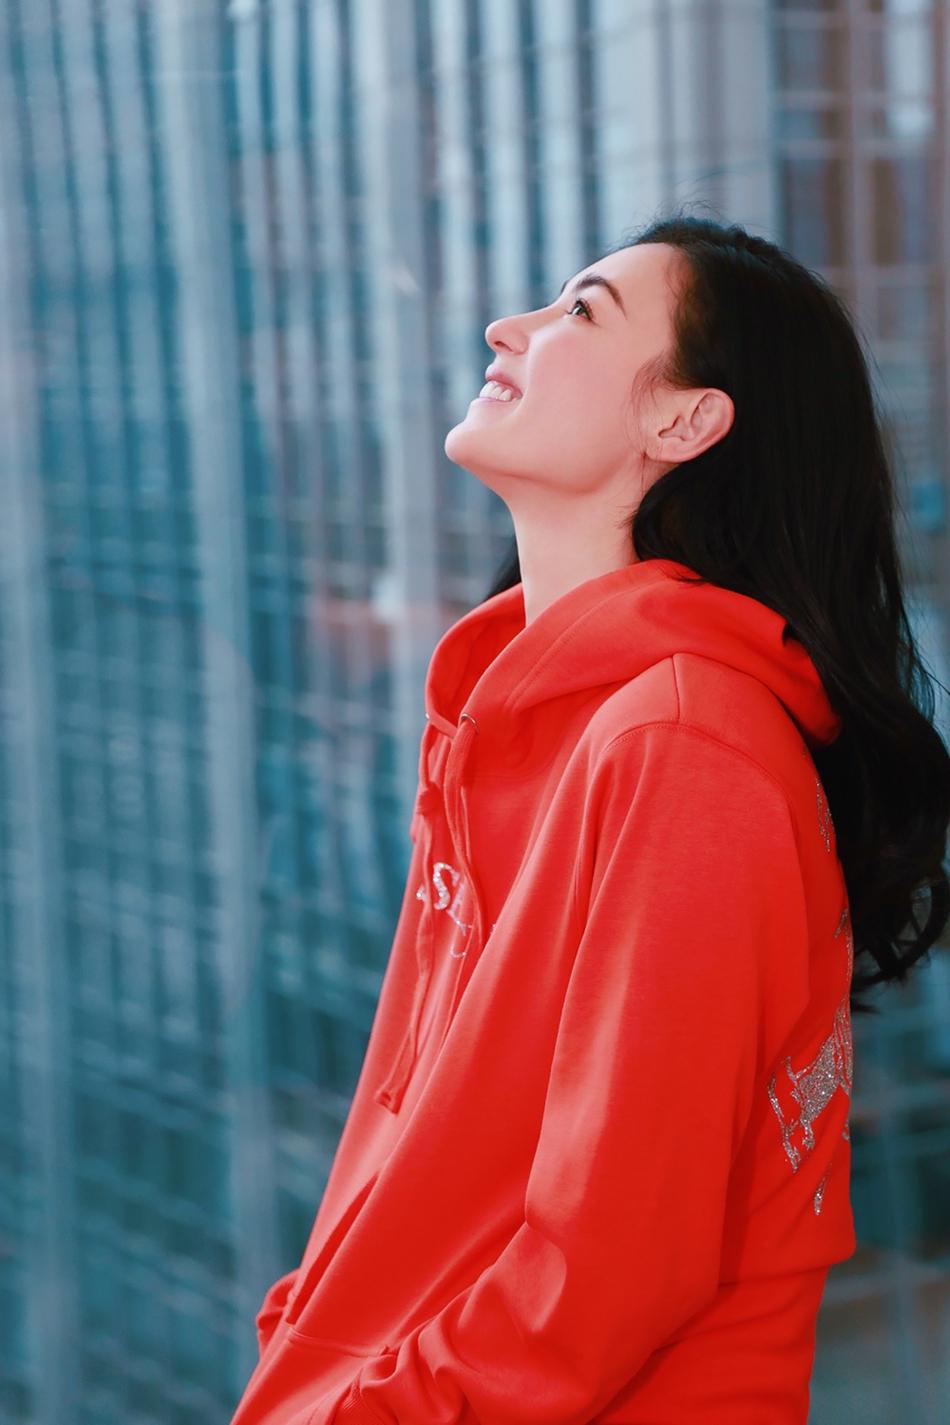 张柏芝红色卫衣休闲装仿若重回少女,长发飘逸笑容迷人